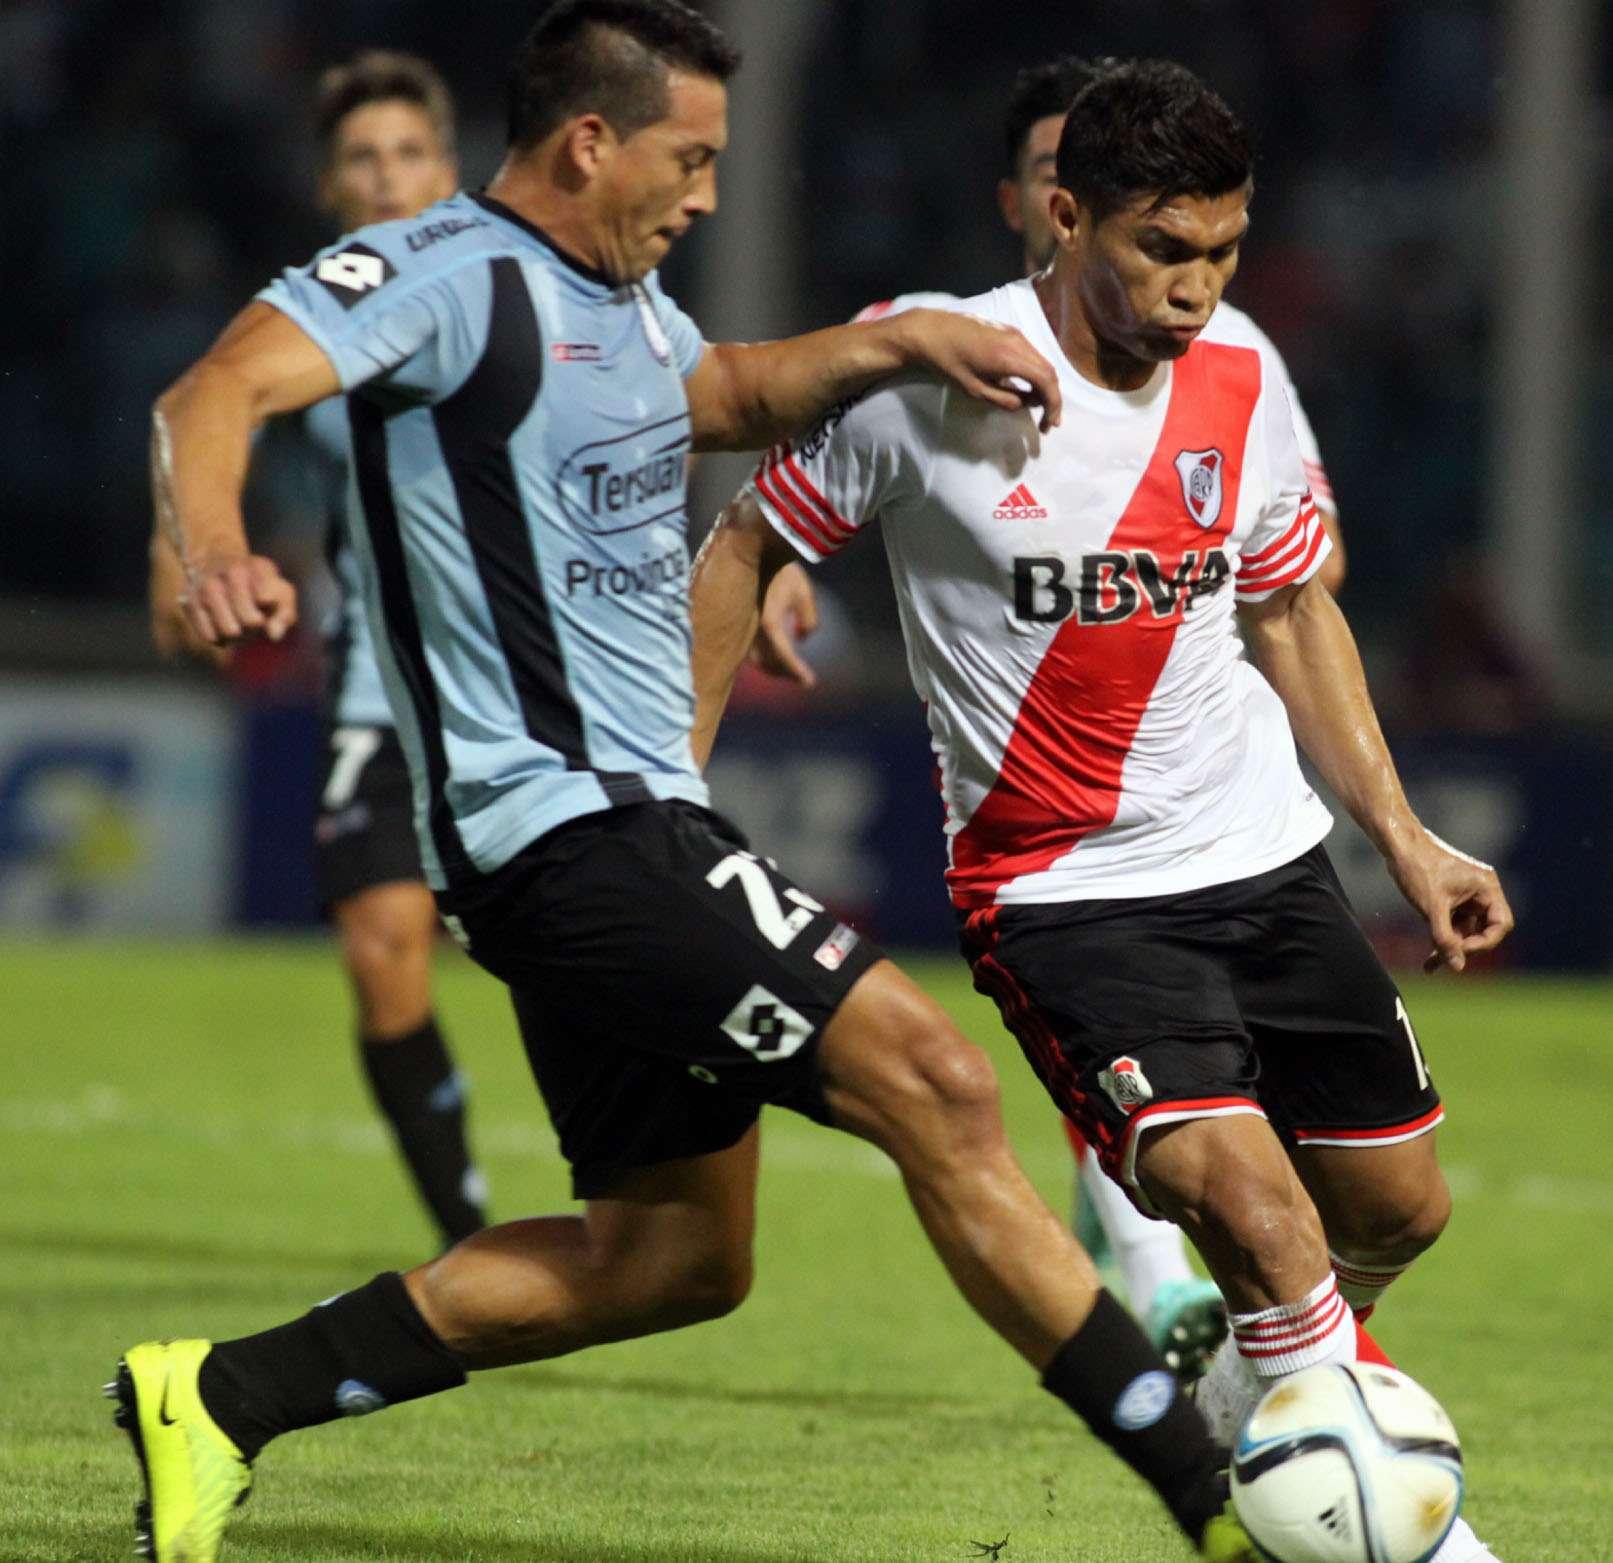 Tras el empate con Quilmes, River retomó el camino de la victoria en Córdoba ante Belgrano. Foto: NA